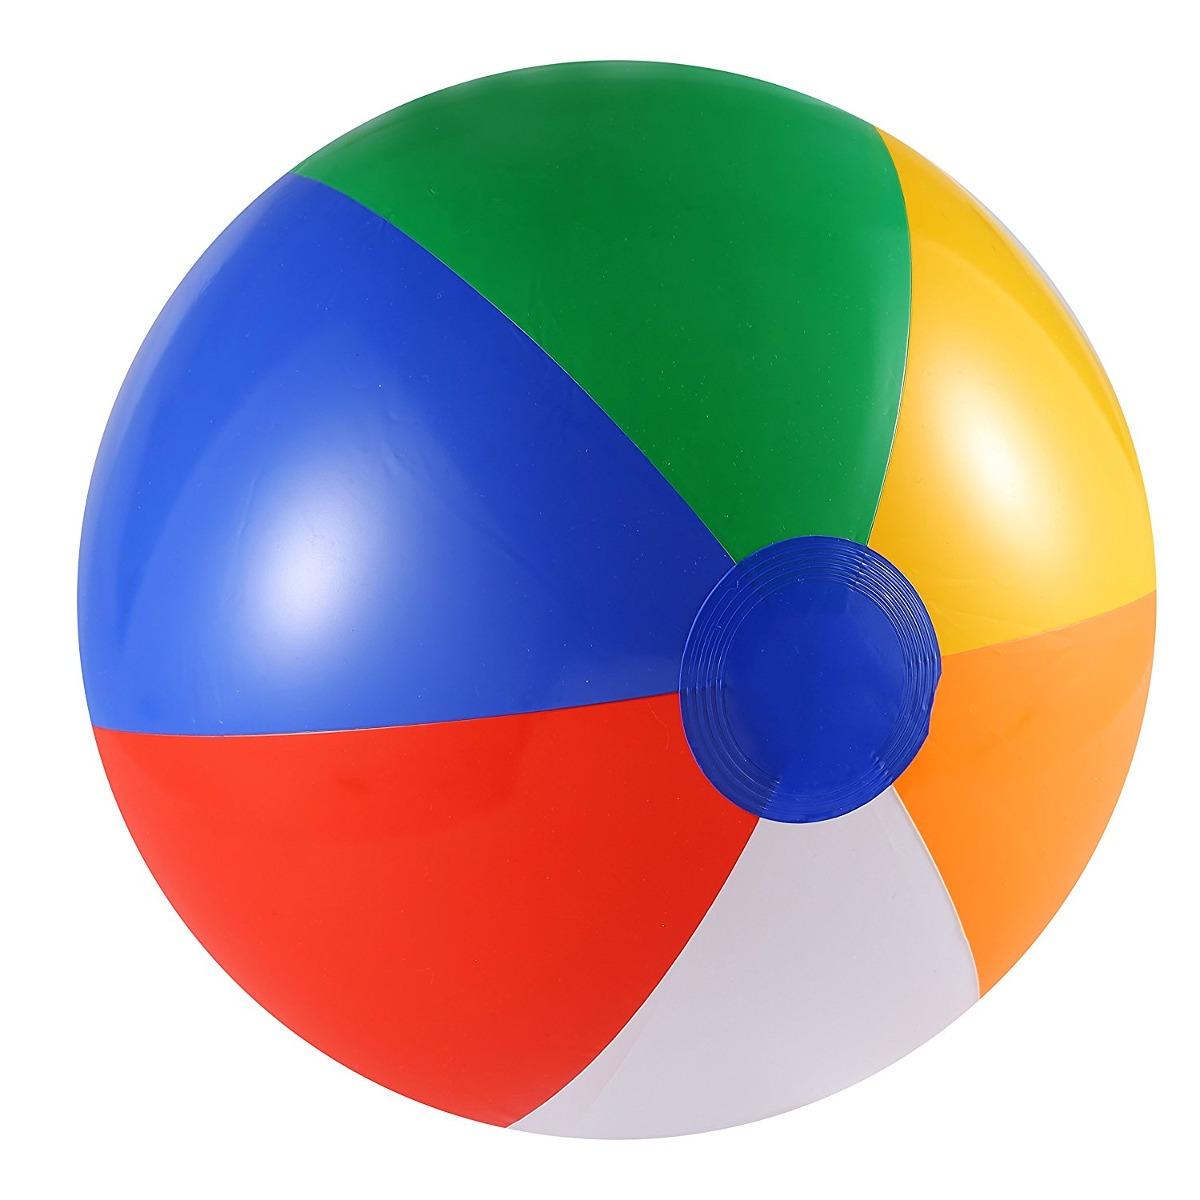 Decora inflables arco iris pelotas de playa para los ni os for En pelotas en la piscina